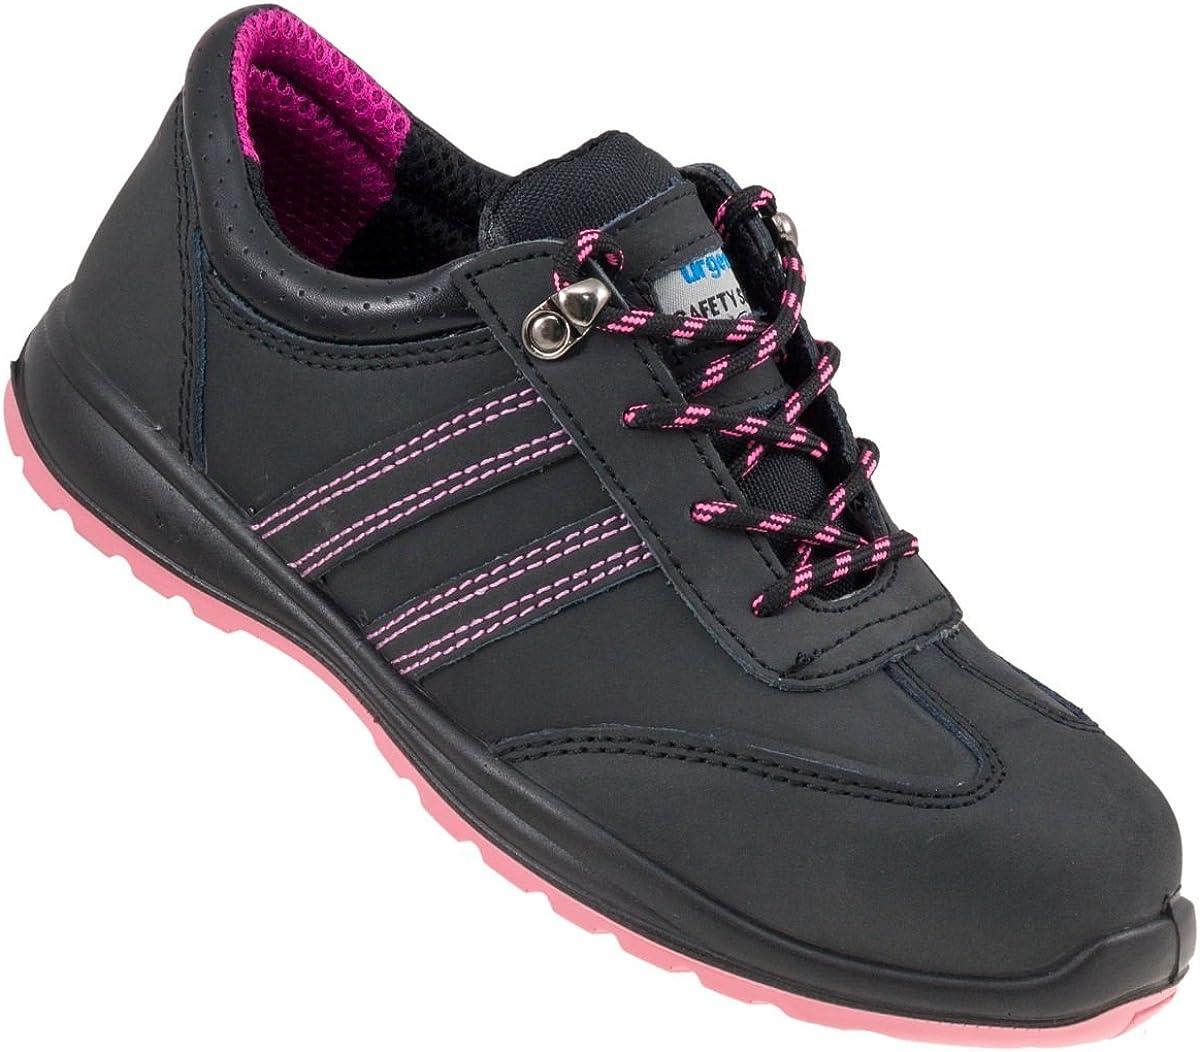 modelo 214 S1 EN ISO 20345 Urgent Zapatos de trabajo de seguridad para mujer